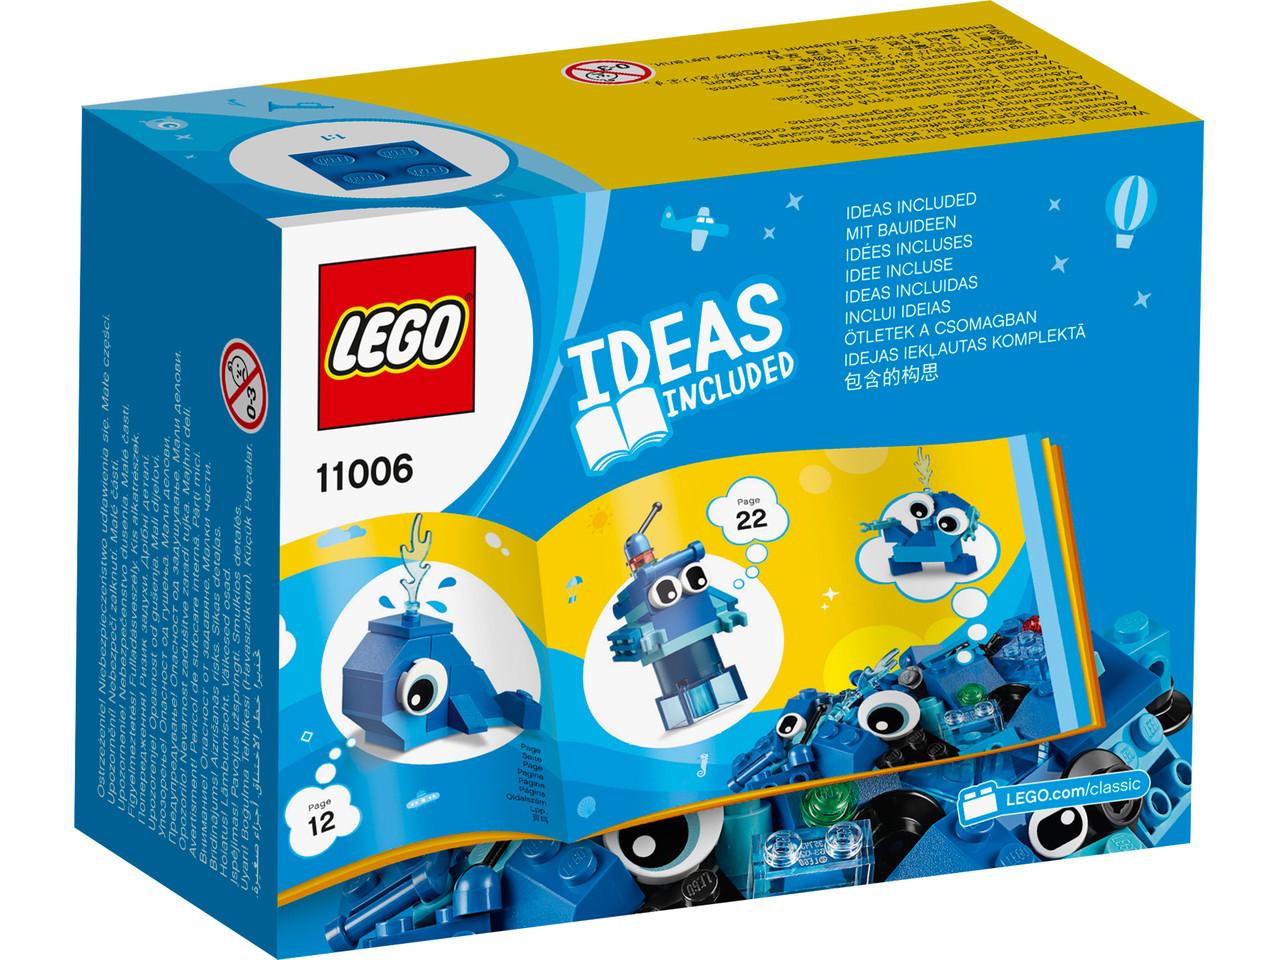 LEGO Classic 11006 Синий набор для конструирования, конструктор ЛЕГО - фото 4